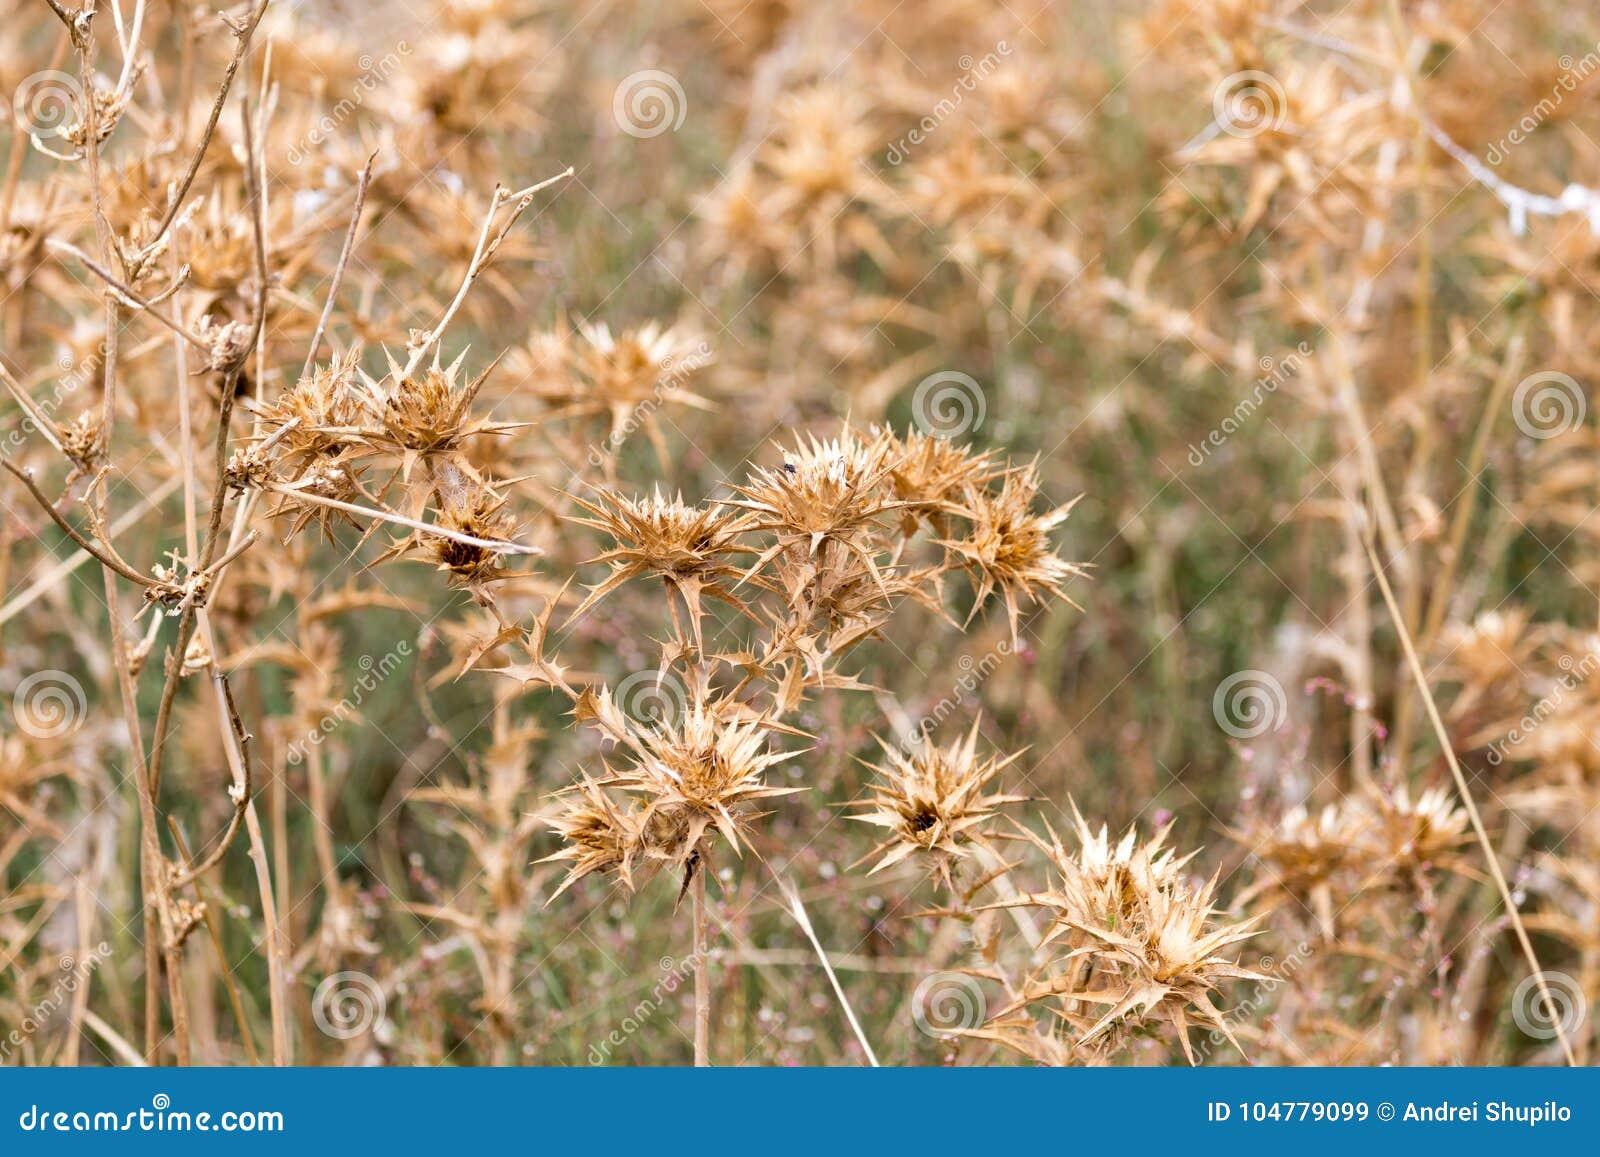 Hierba espinosa seca al aire libre